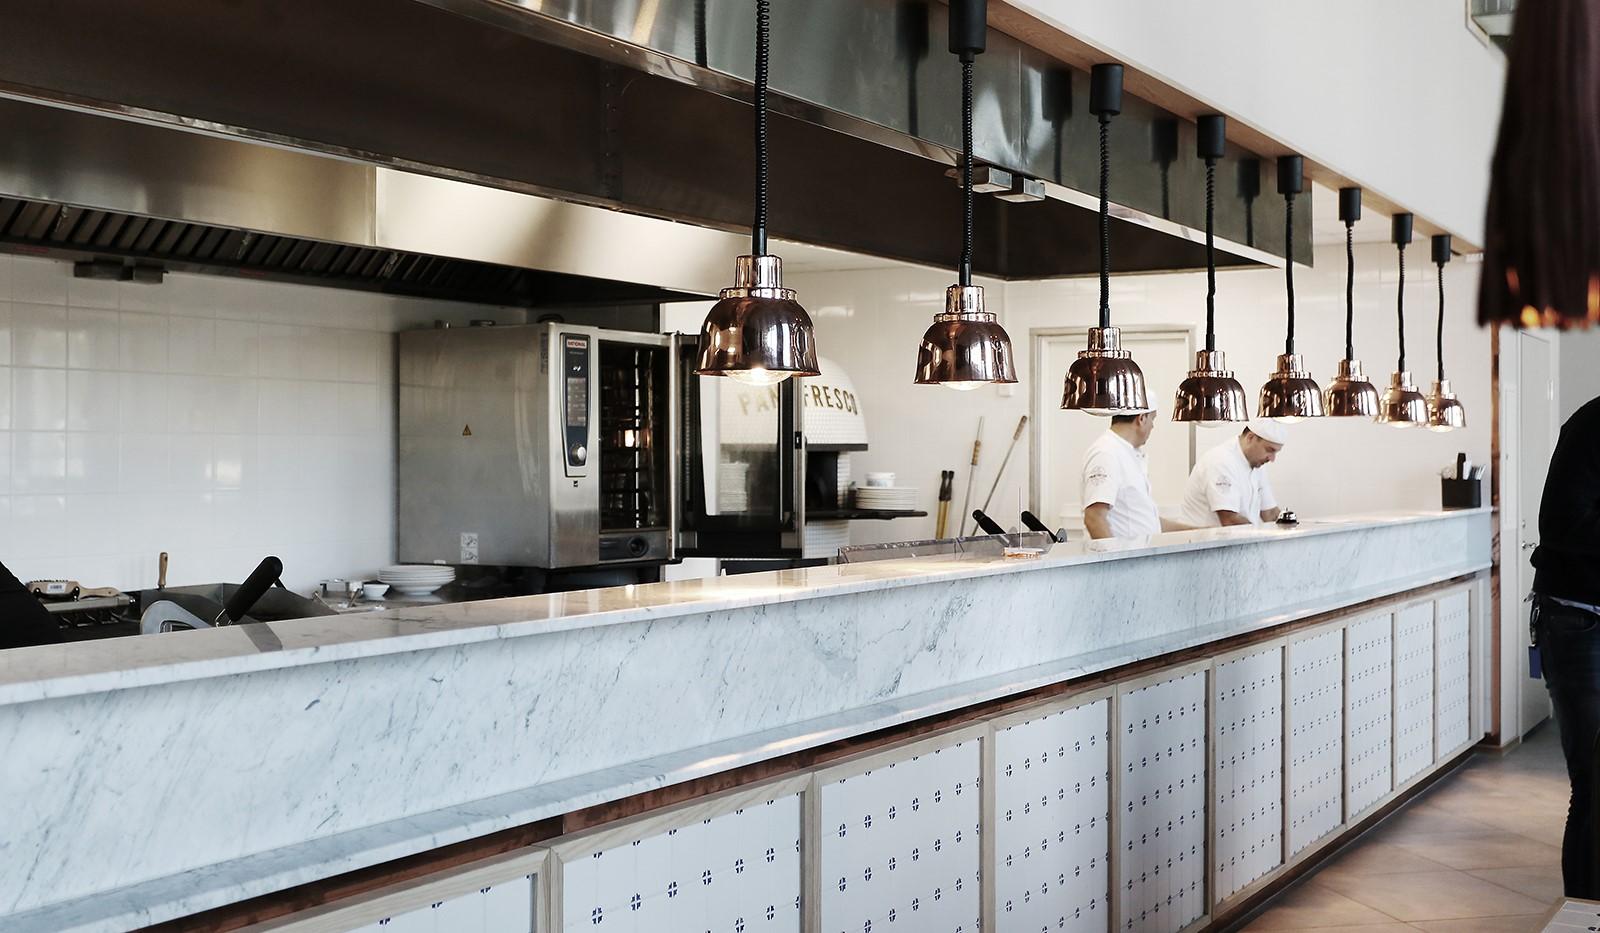 Fredriksdalsgatan 24, vån 6 - Restaurangen Pane Fresco vid kajen är värt ett besök